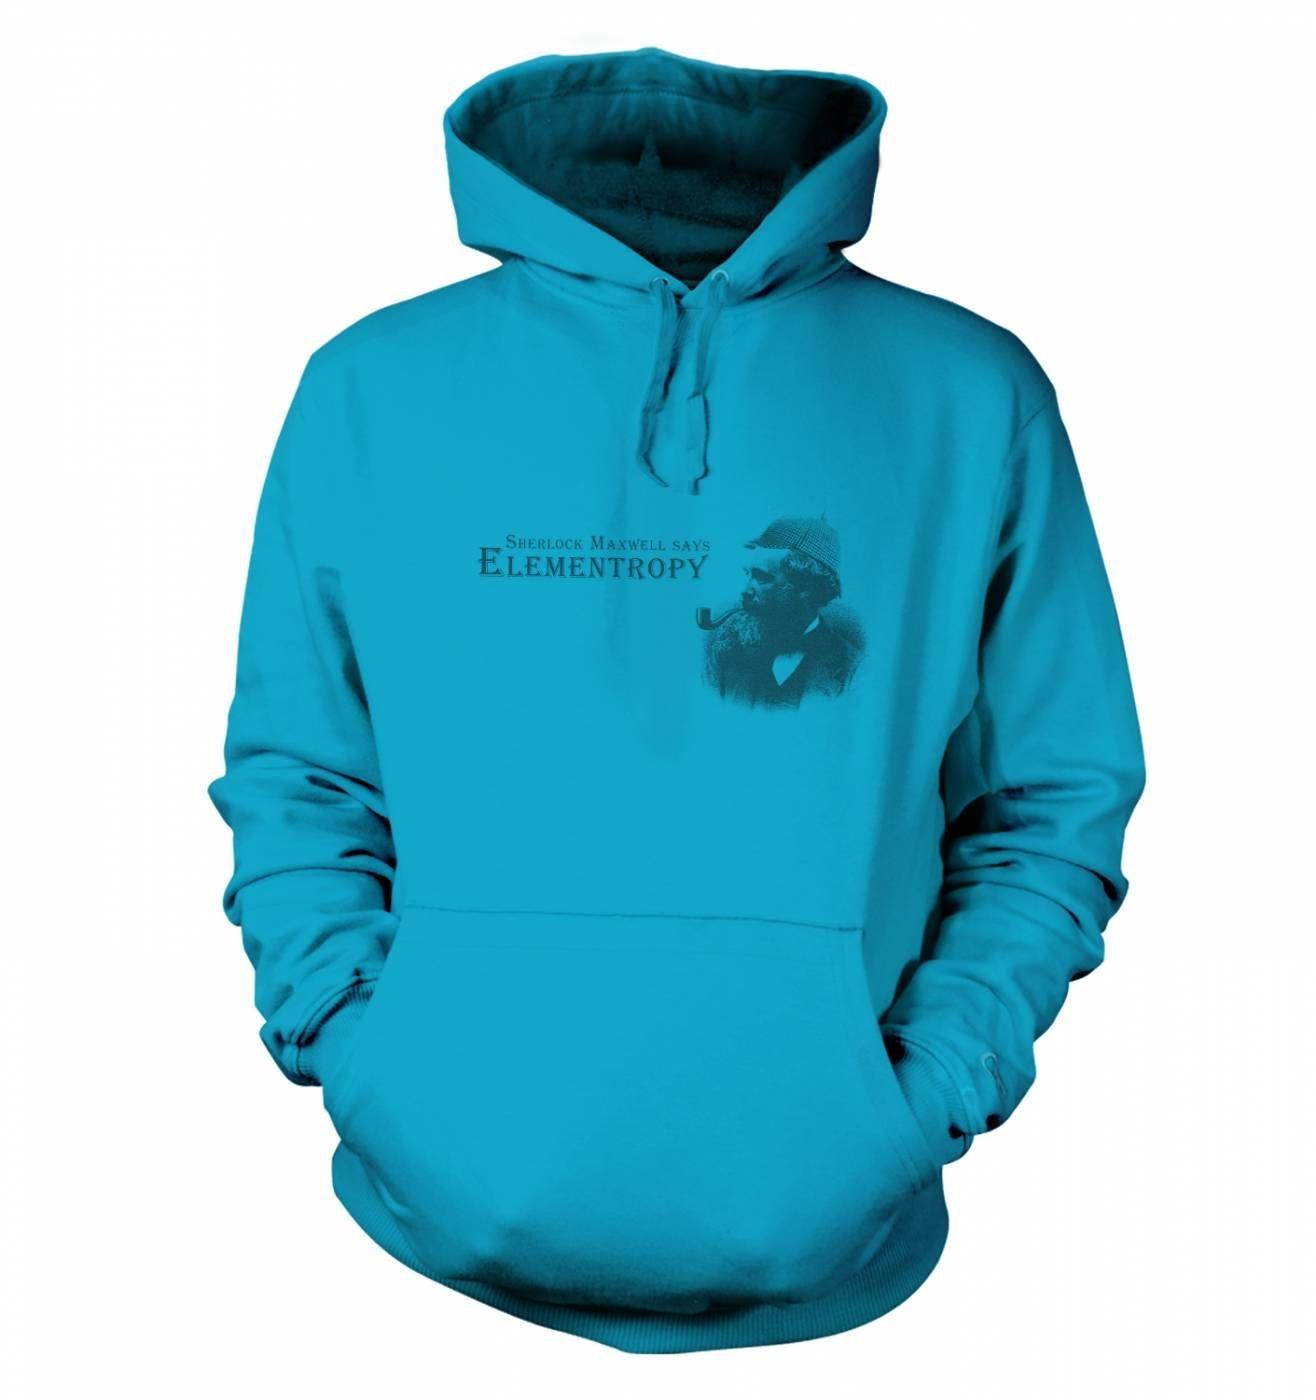 Elementropy Sherlock Holmes James Clerk Maxwell hoodie